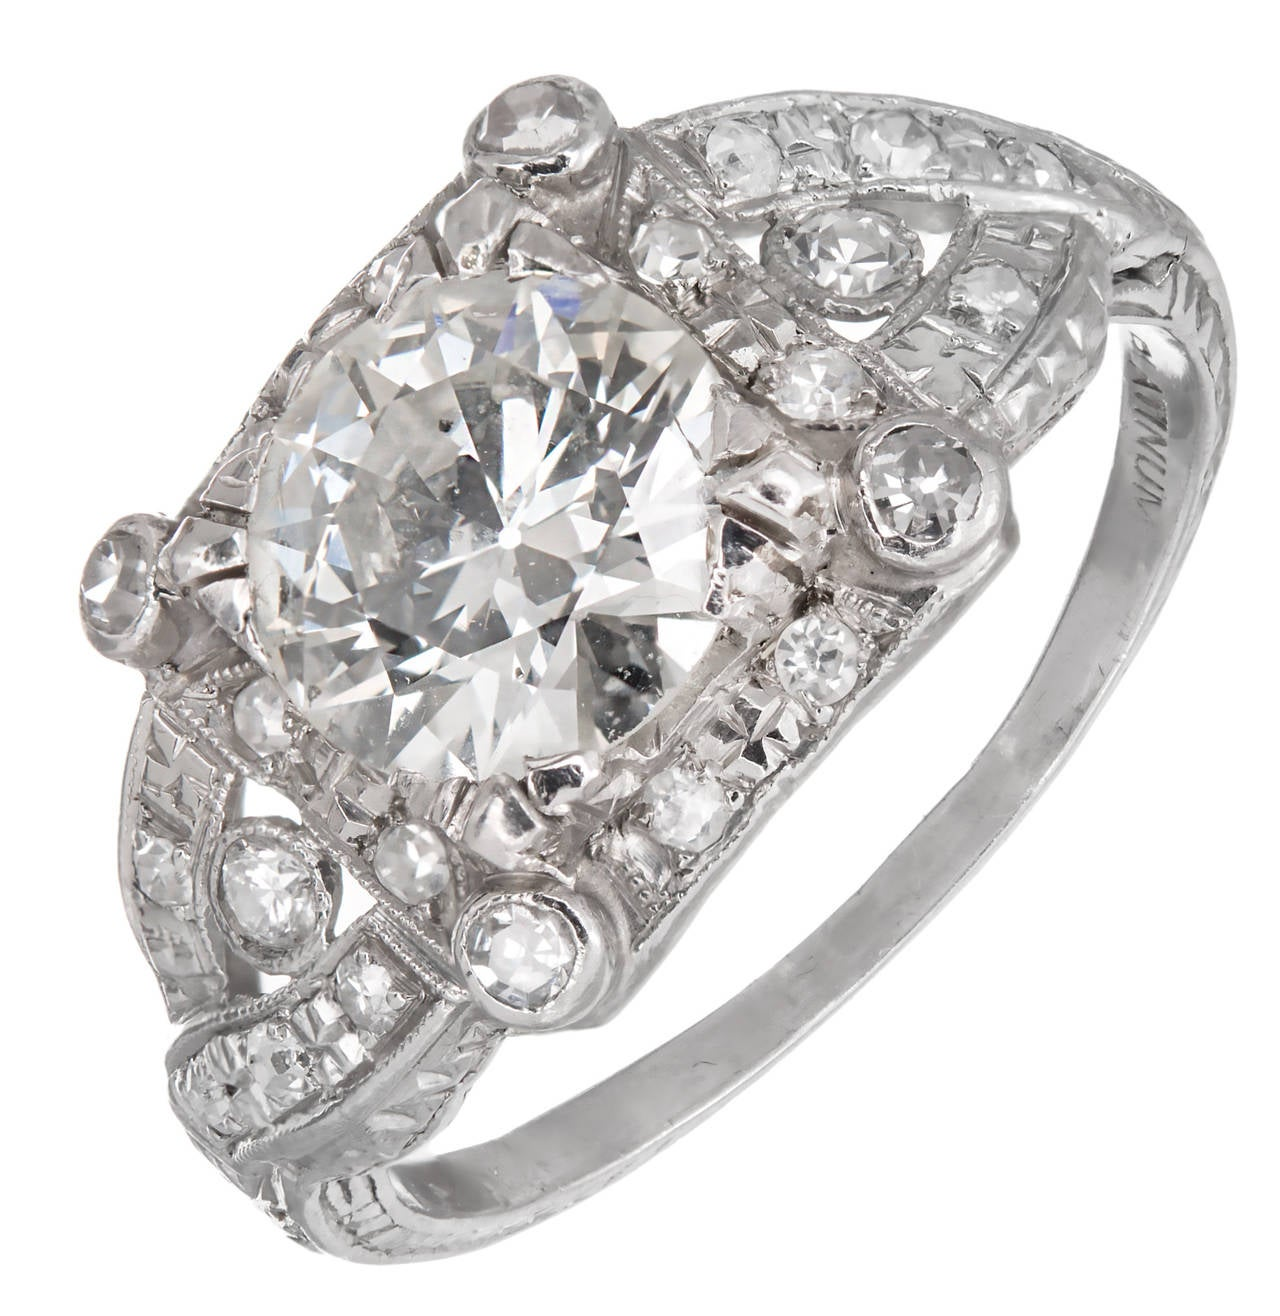 1.35 Carat Diamond Platinum Engagement Ring